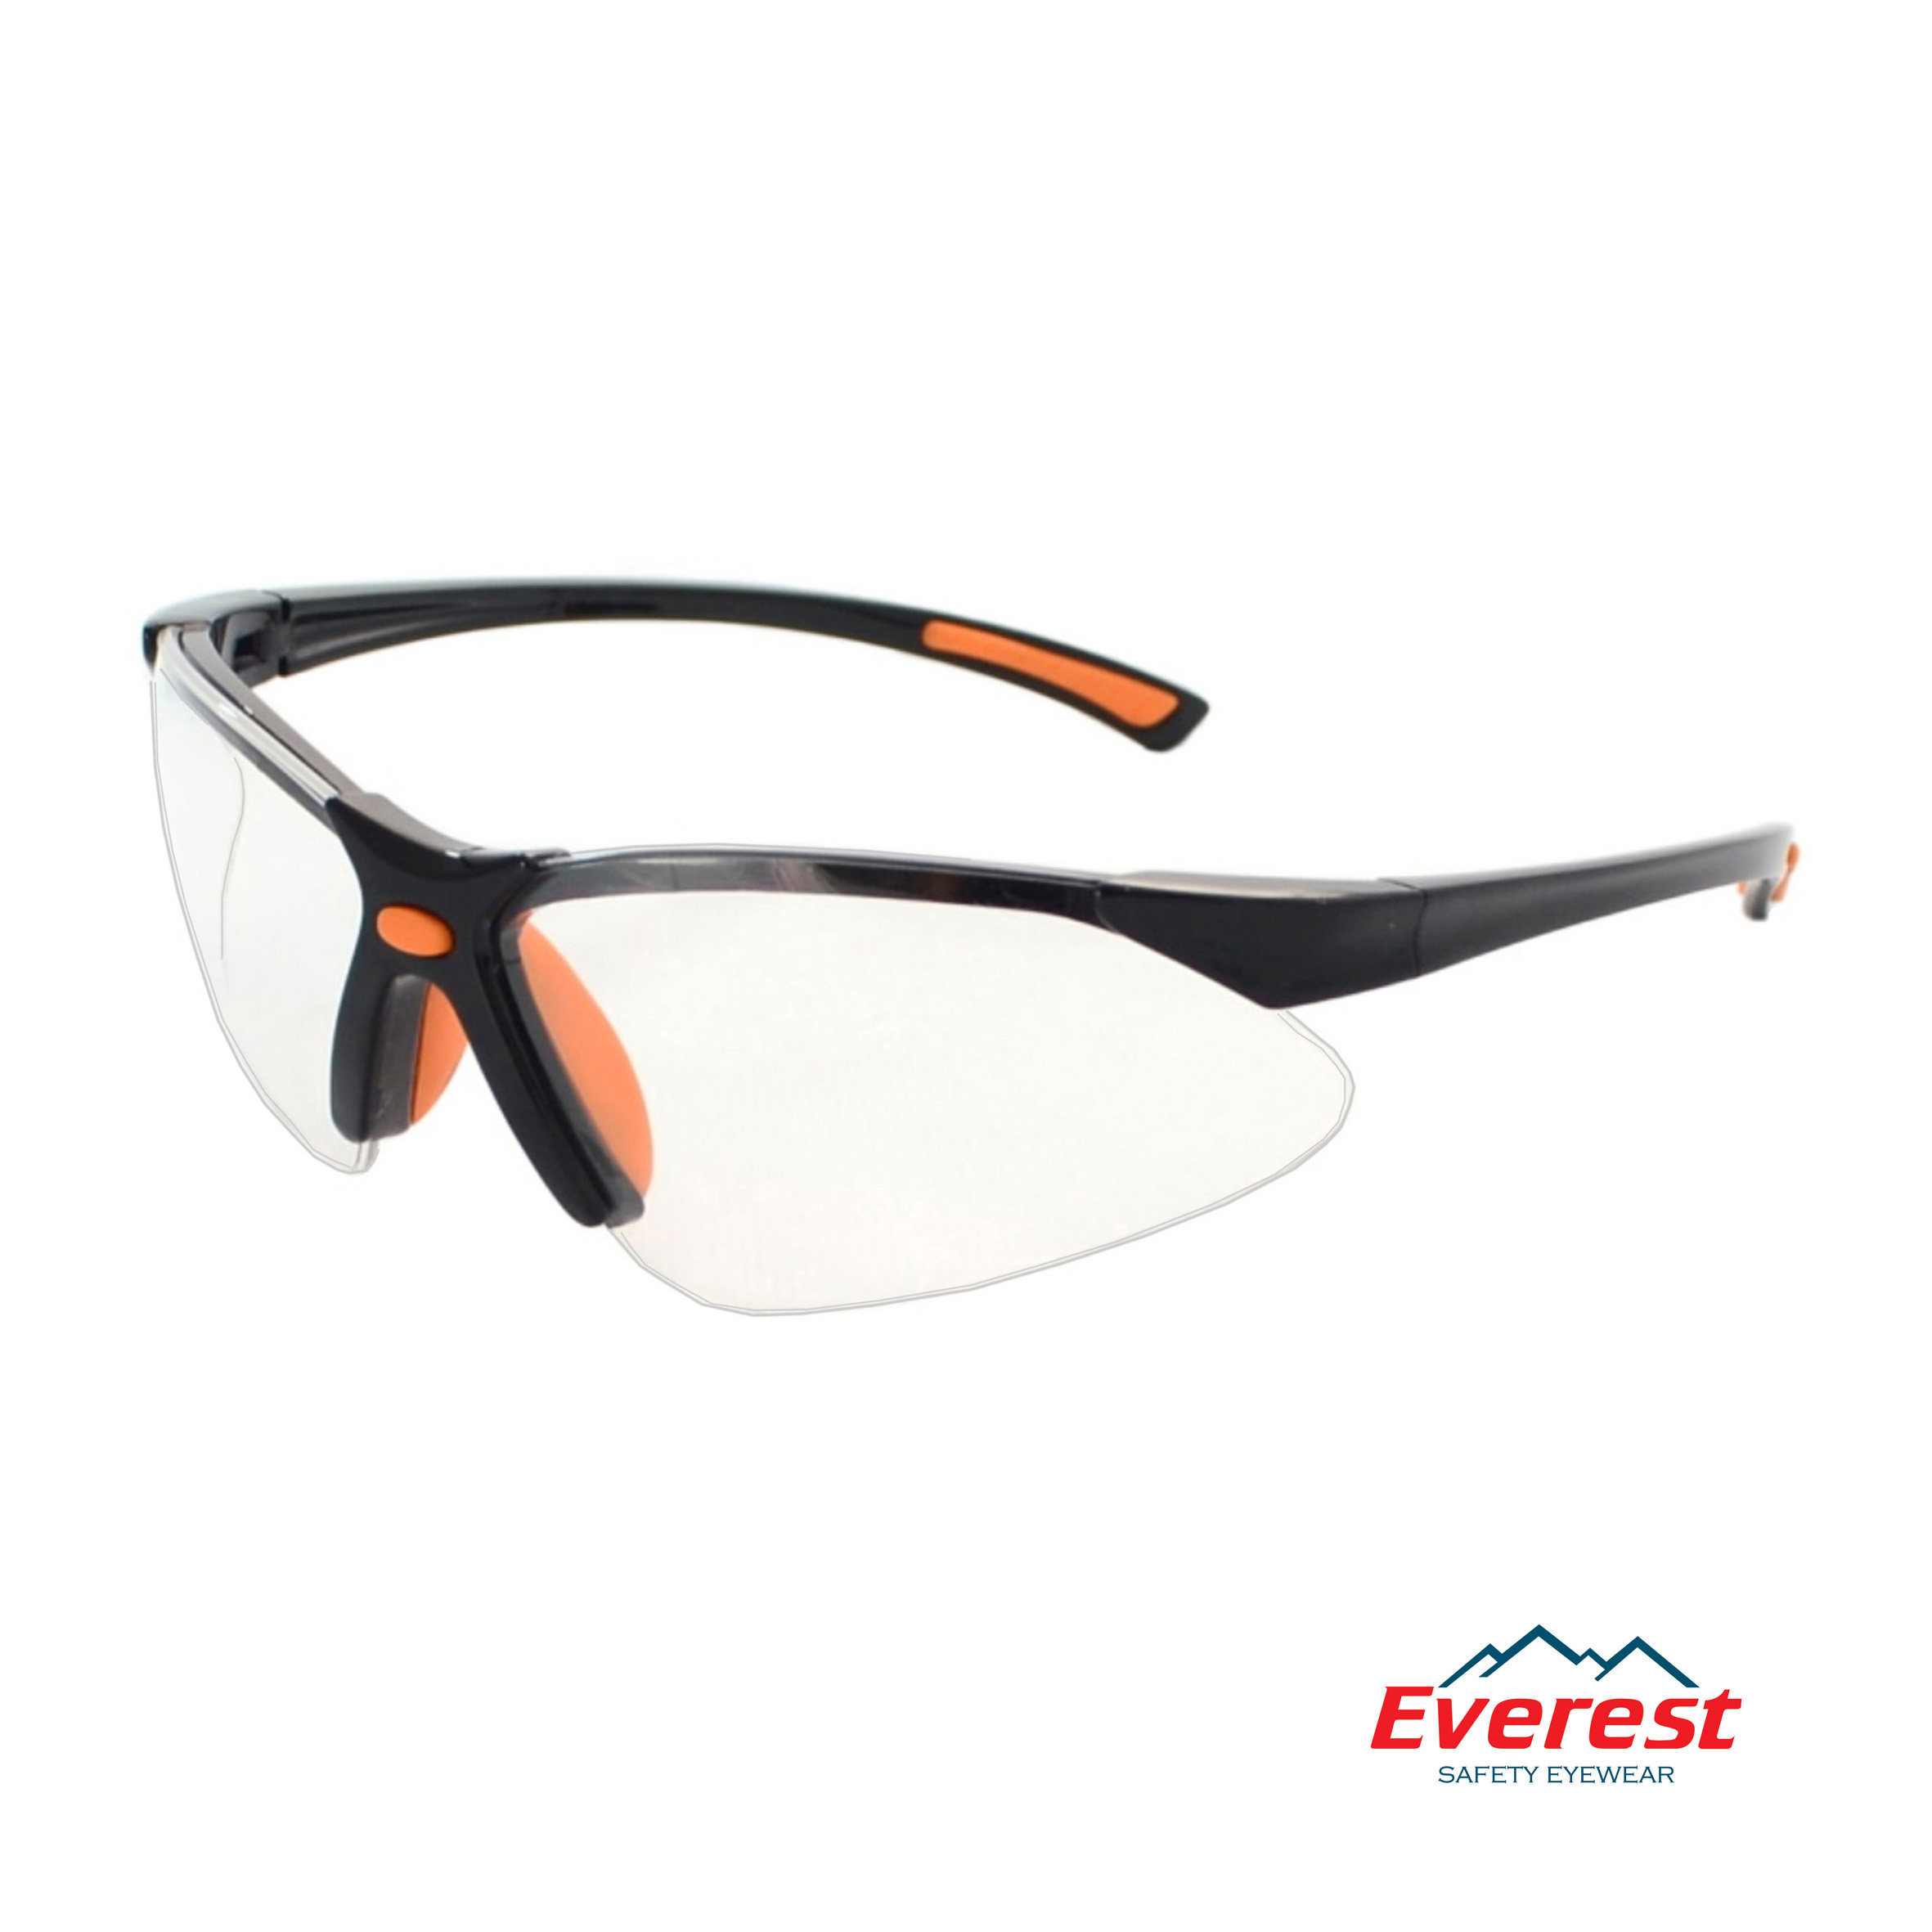 Kính bảo hộ EV301 màu trắng, kính chống bụi EV301 màu trắng, kính bảo hộ chống bụi, kính chống bụi EV301, kính chống tia uv EV301